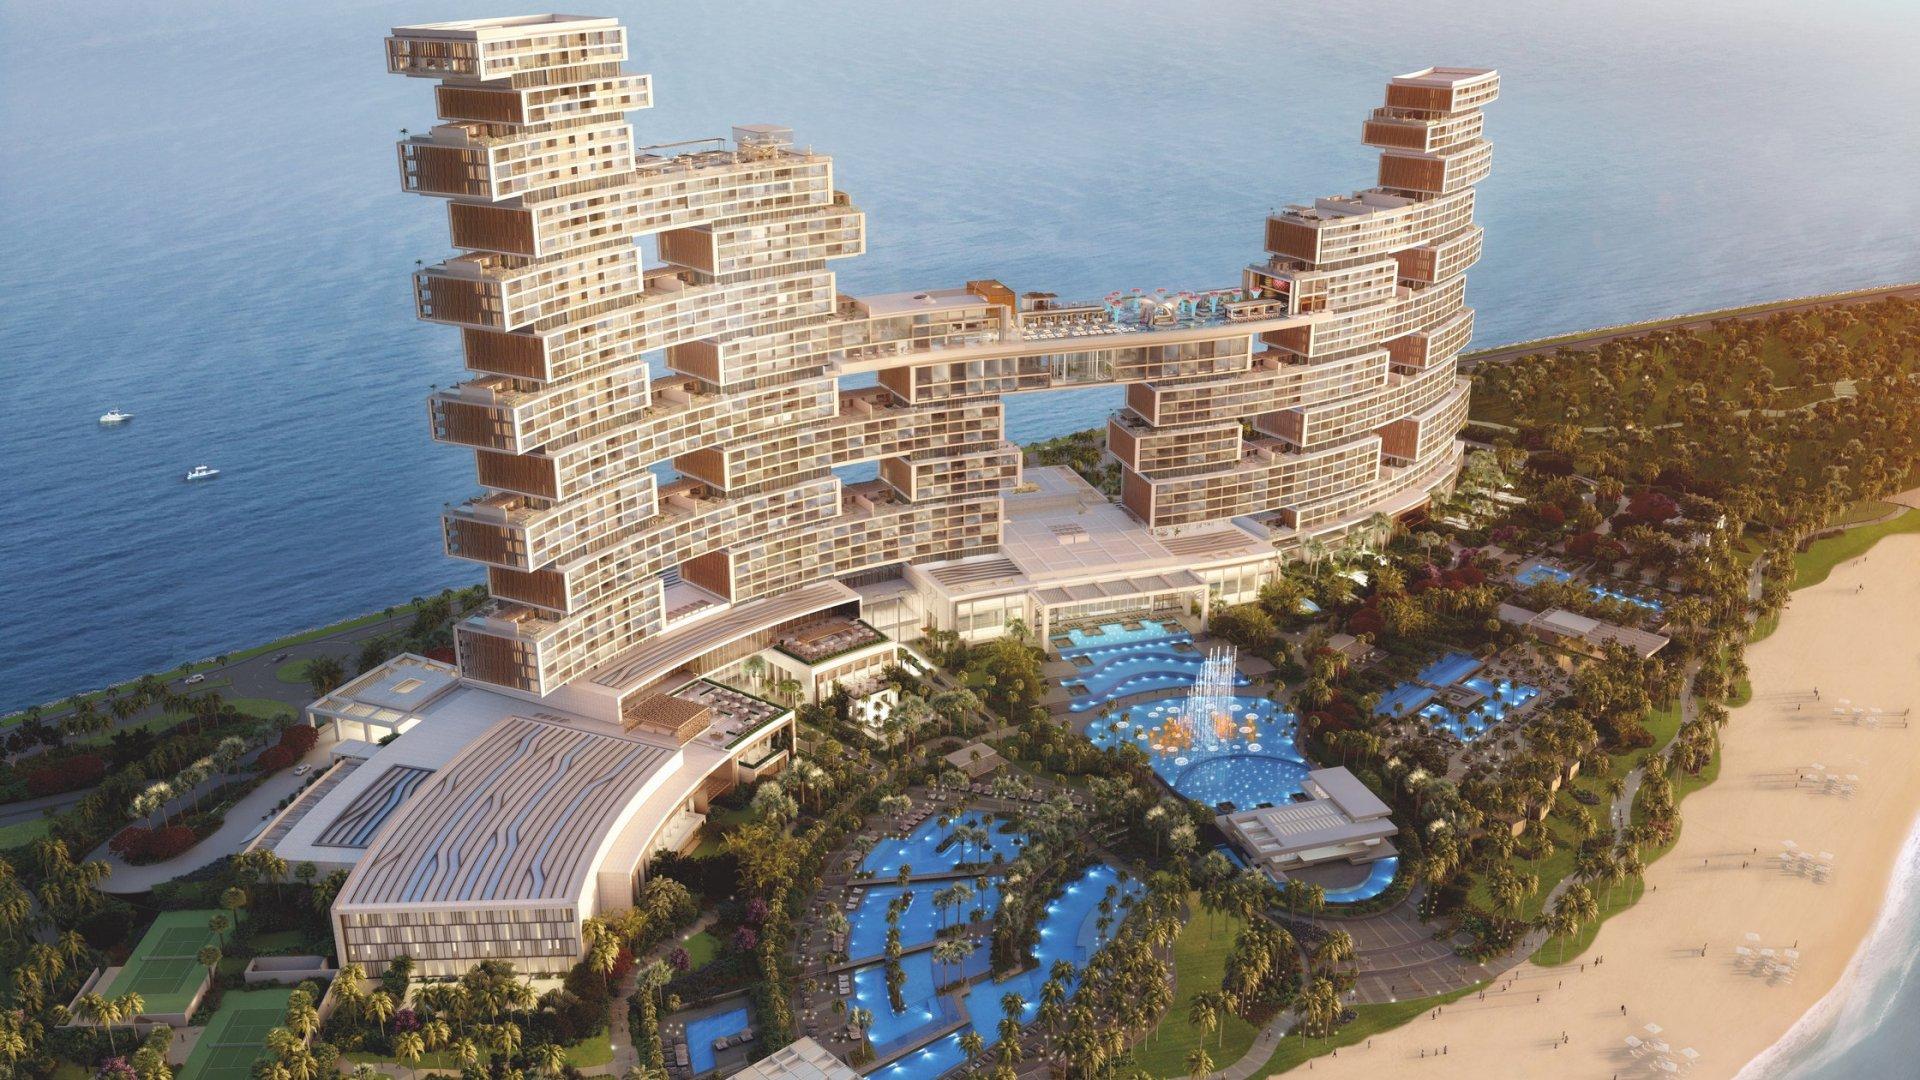 ROYAL ATLANTIS RESORT & RESIDENCES, Palm Jumeirah, Dubai, UAE – photo 7